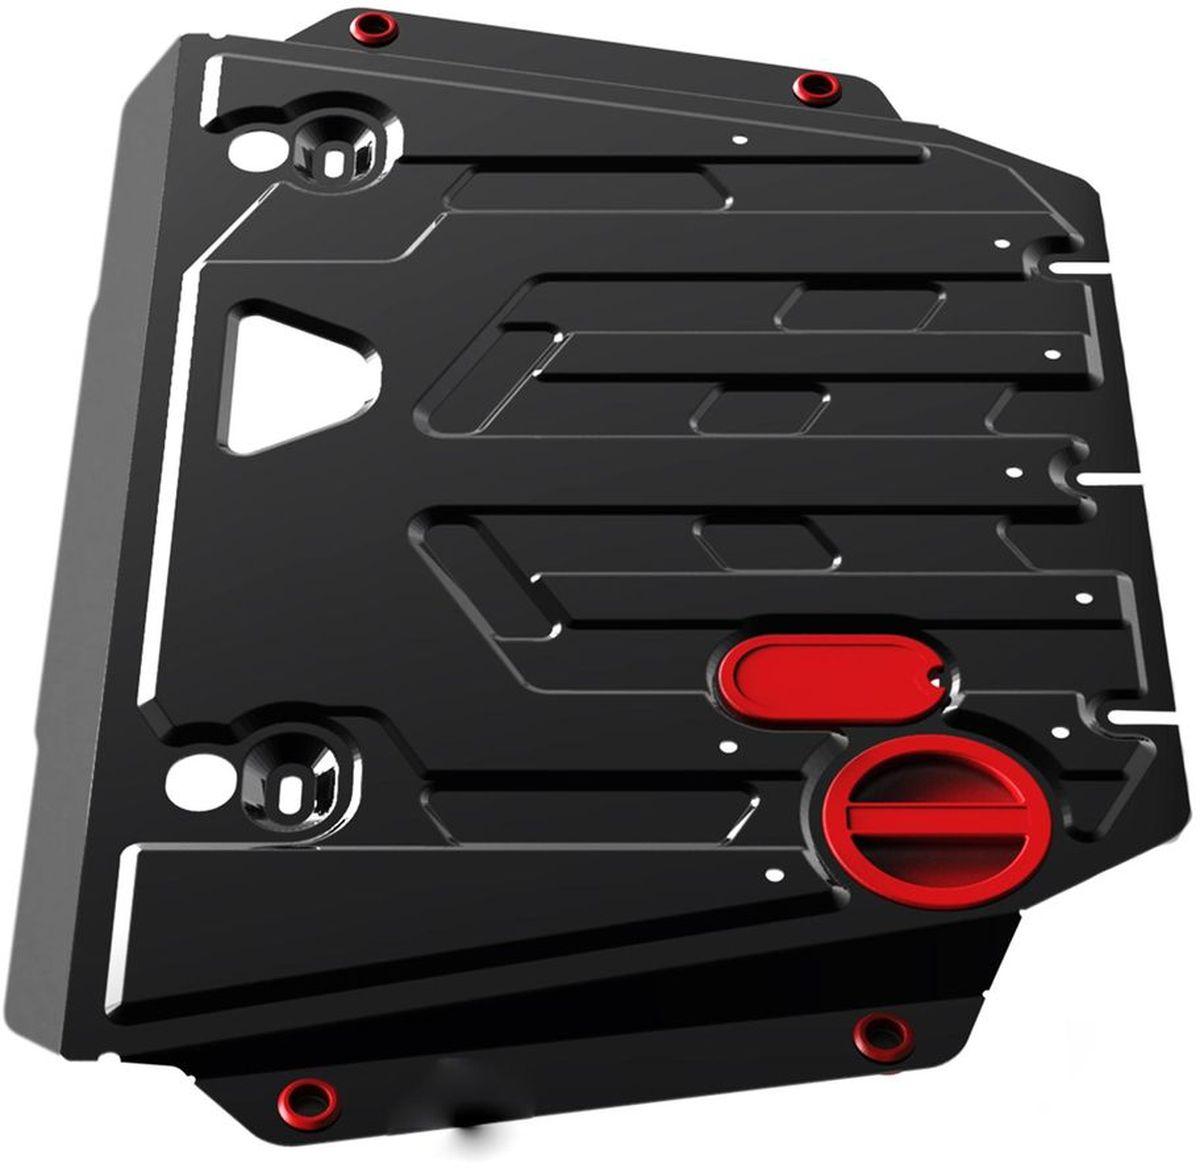 Защита картера Автоброня Ford Ranger 2012-, сталь 2 мм111.01830.1Защита картера Автоброня Ford Ranger, V - 2,2 2012-, сталь 2 мм, комплект крепежа, 111.01830.1Дополнительно можно приобрести другие защитные элементы из комплекта: защита радиатора - 111.01829.1, защита КПП - 111.01831.1, защита РК - 111.01832.1Стальные защиты Автоброня надежно защищают ваш автомобиль от повреждений при наезде на бордюры, выступающие канализационные люки, кромки поврежденного асфальта или при ремонте дорог, не говоря уже о загородных дорогах.- Имеют оптимальное соотношение цена-качество.- Спроектированы с учетом особенностей автомобиля, что делает установку удобной.- Защита устанавливается в штатные места кузова автомобиля.- Является надежной защитой для важных элементов на протяжении долгих лет.- Глубокий штамп дополнительно усиливает конструкцию защиты.- Подштамповка в местах крепления защищает крепеж от срезания.- Технологические отверстия там, где они необходимы для смены масла и слива воды, оборудованные заглушками, закрепленными на защите.Толщина стали 2 мм.В комплекте крепеж и инструкция по установке.Уважаемые клиенты!Обращаем ваше внимание на тот факт, что защита имеет форму, соответствующую модели данного автомобиля. Наличие глубокого штампа и лючков для смены фильтров/масла предусмотрено не на всех защитах. Фото служит для визуального восприятия товара.